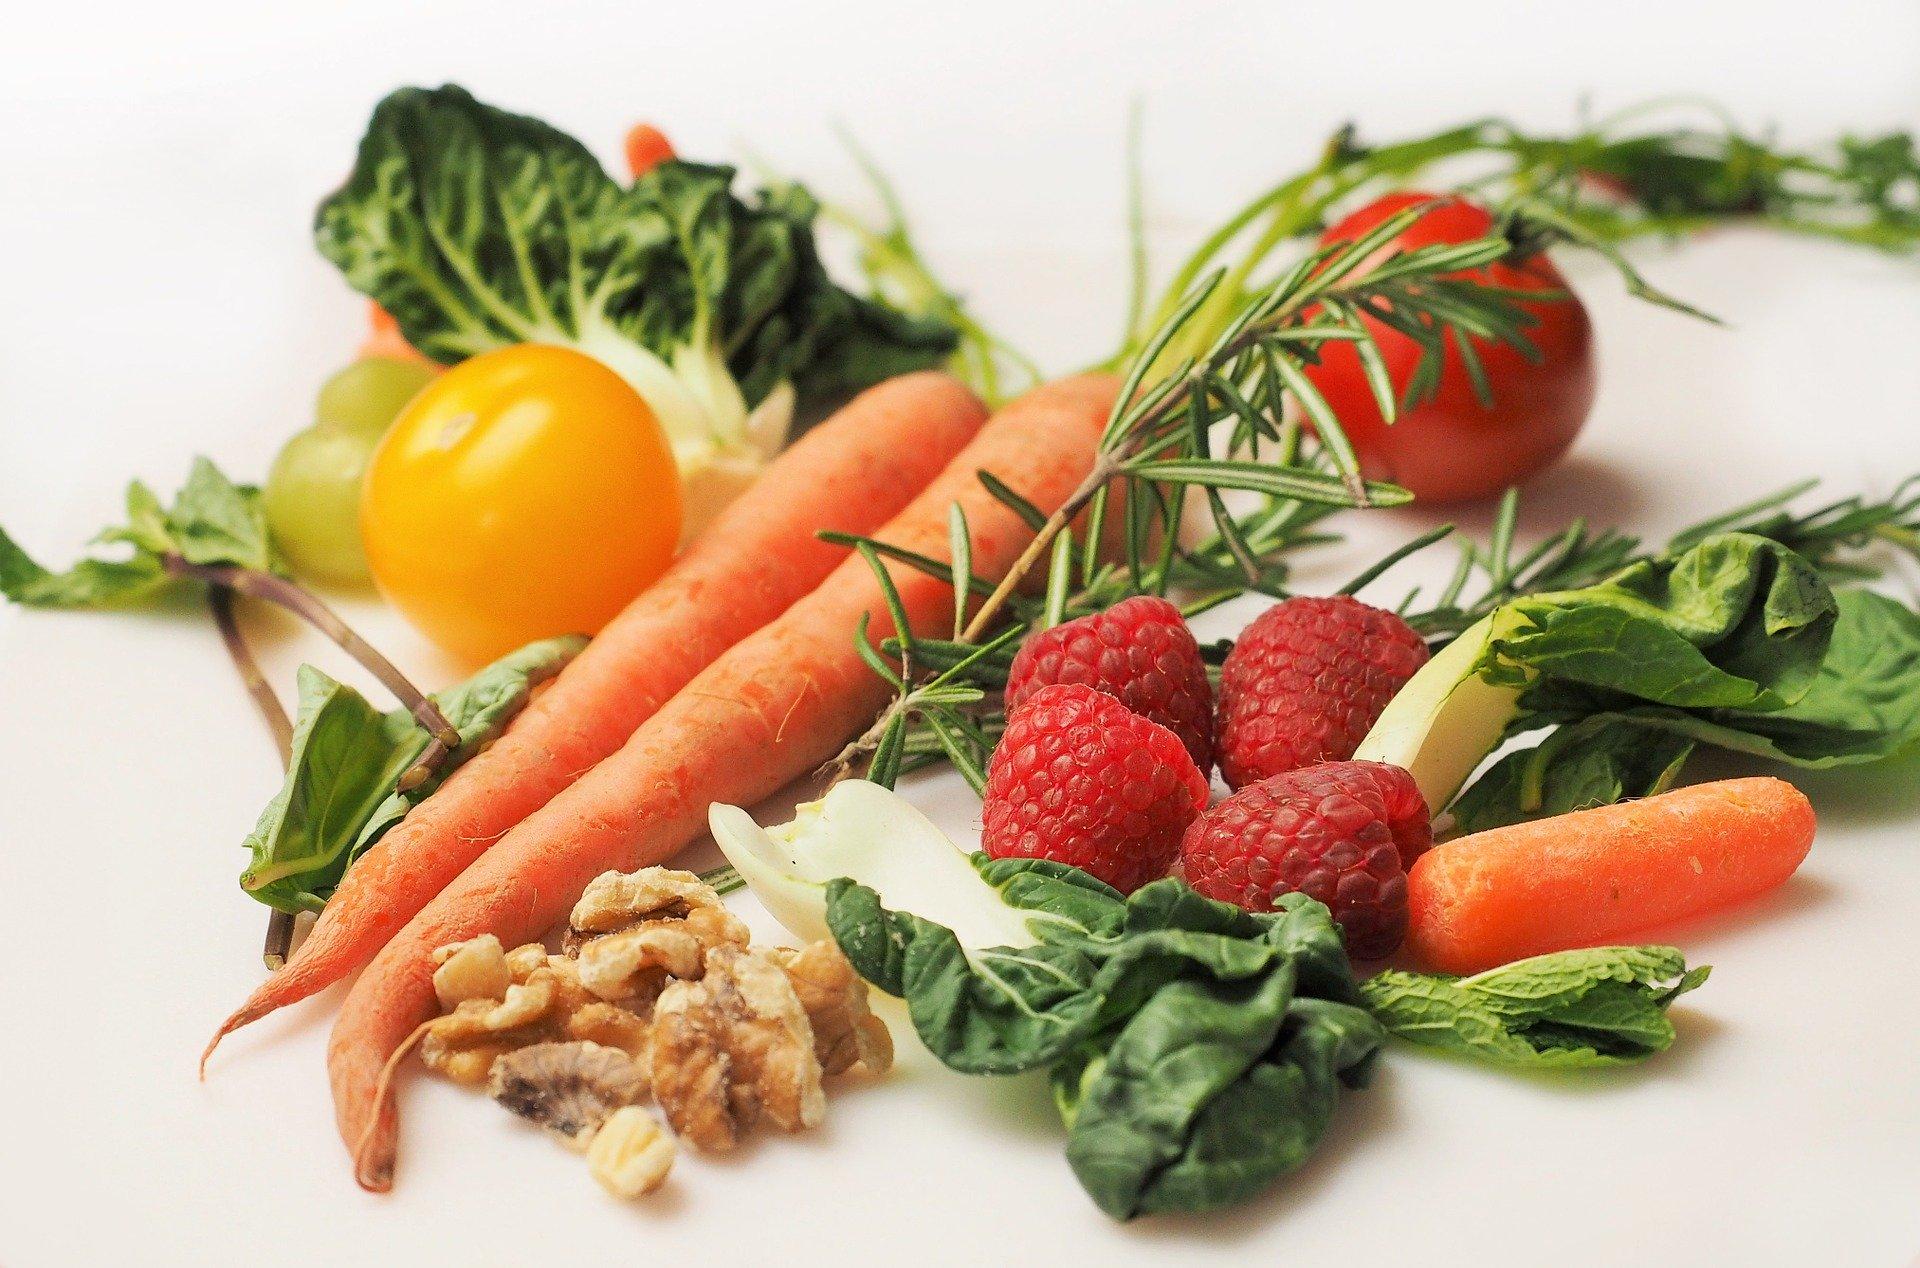 640 vegetables 1085063 1920